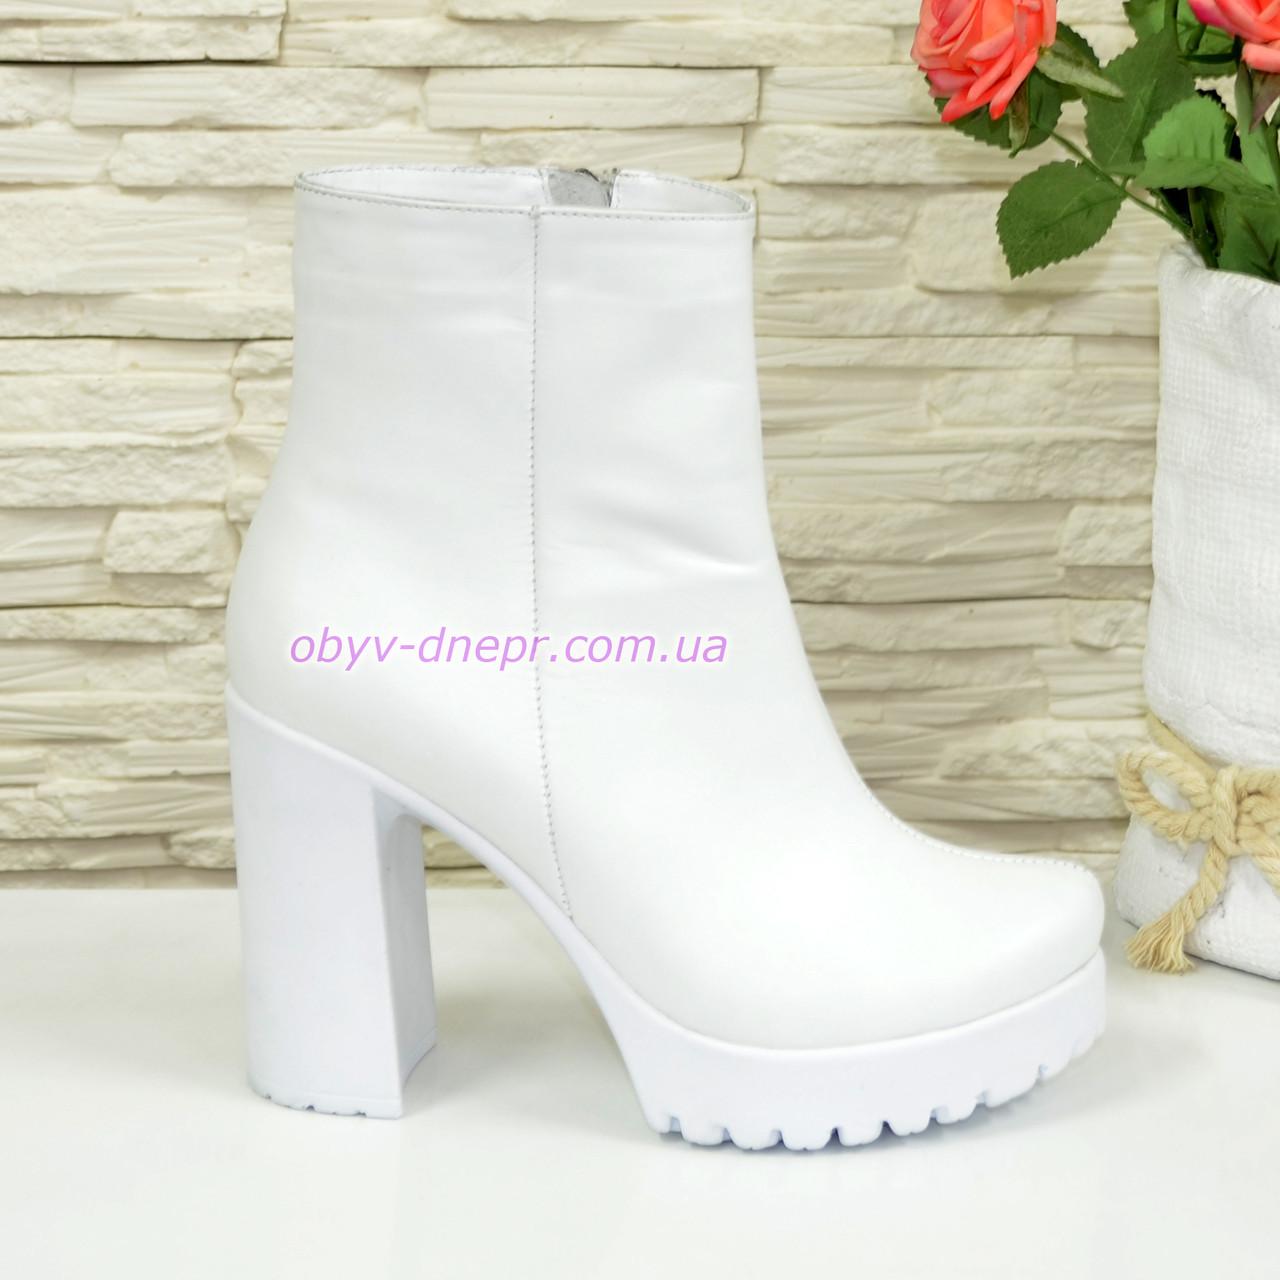 Ботинки женские белые на тракторной белой подошве, натуральная кожа. Демисезон